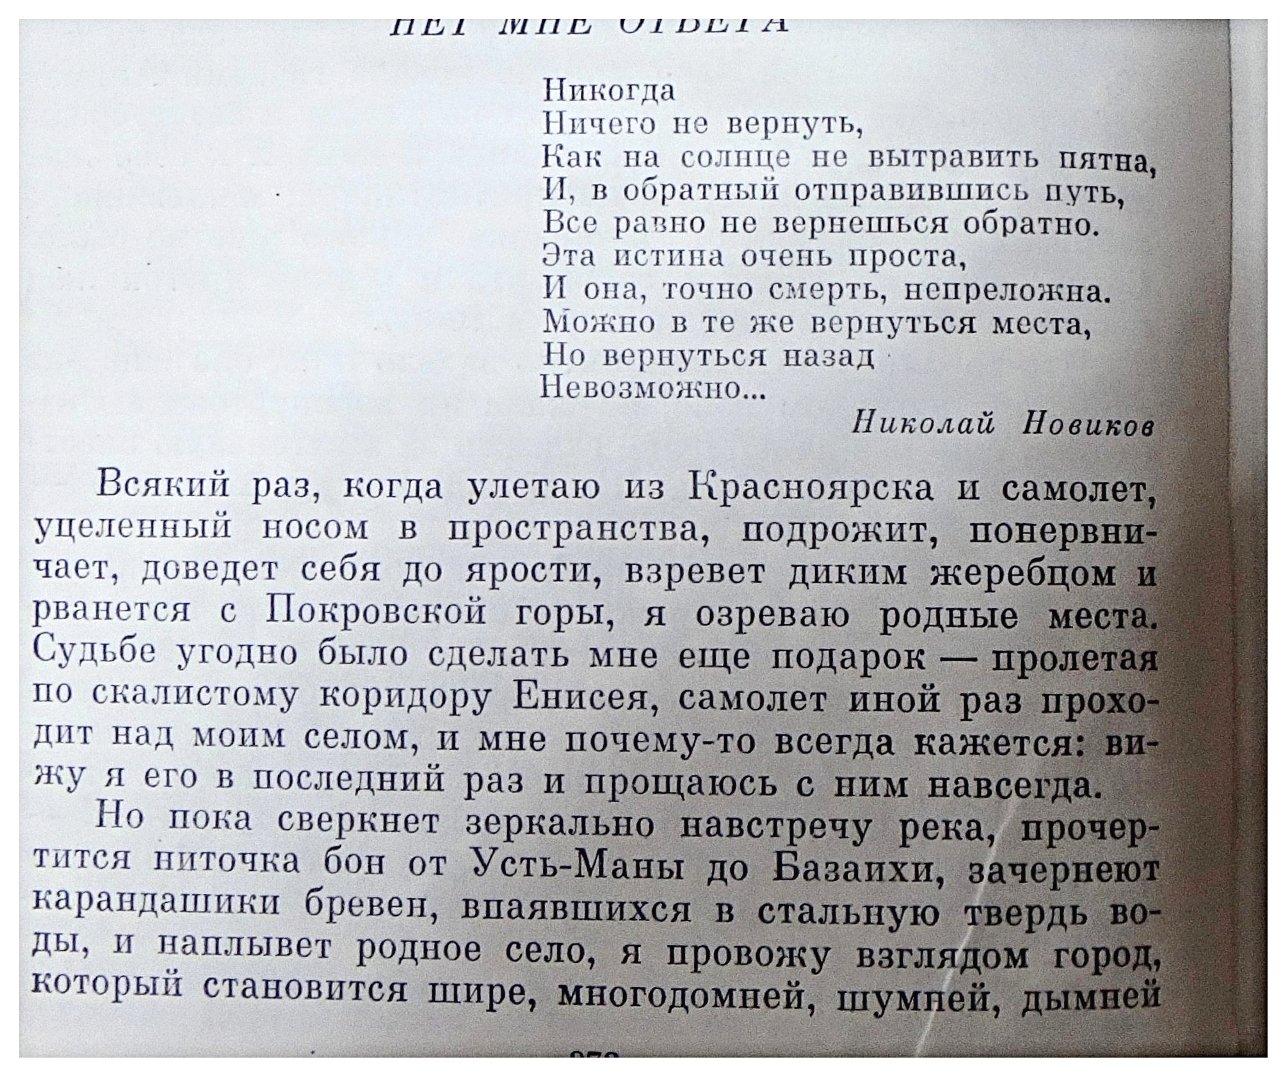 Виктор Астафьев, из книги Царь-рыба, иллюстрации, фото 009